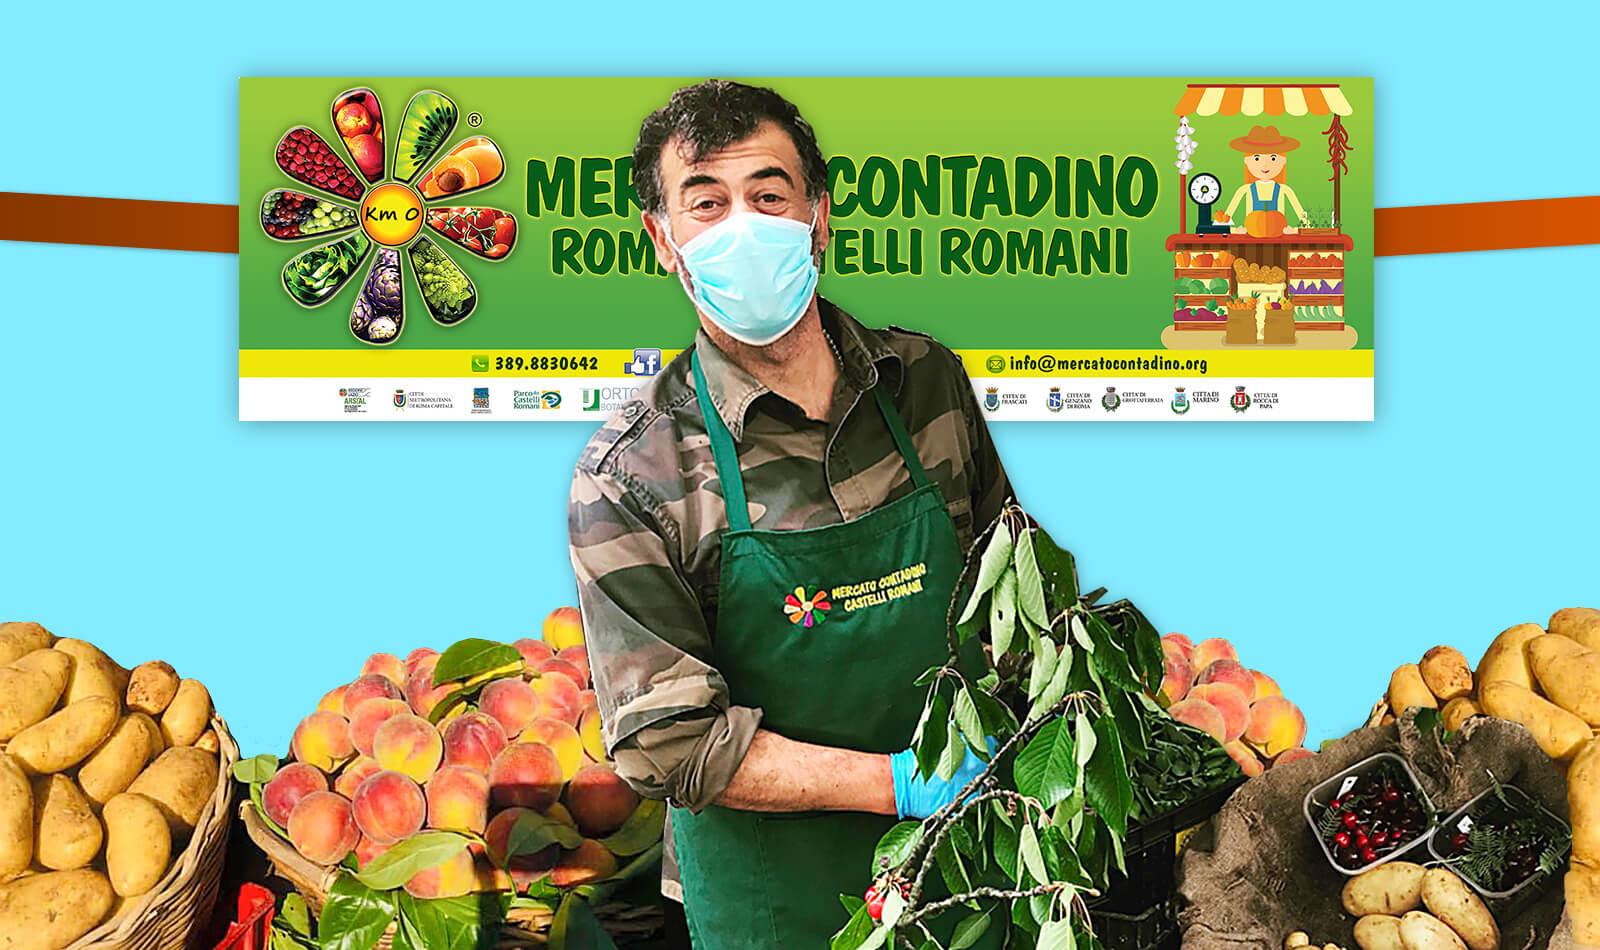 GROTTAFERRATA MERCATO CONTADINO APERTURA